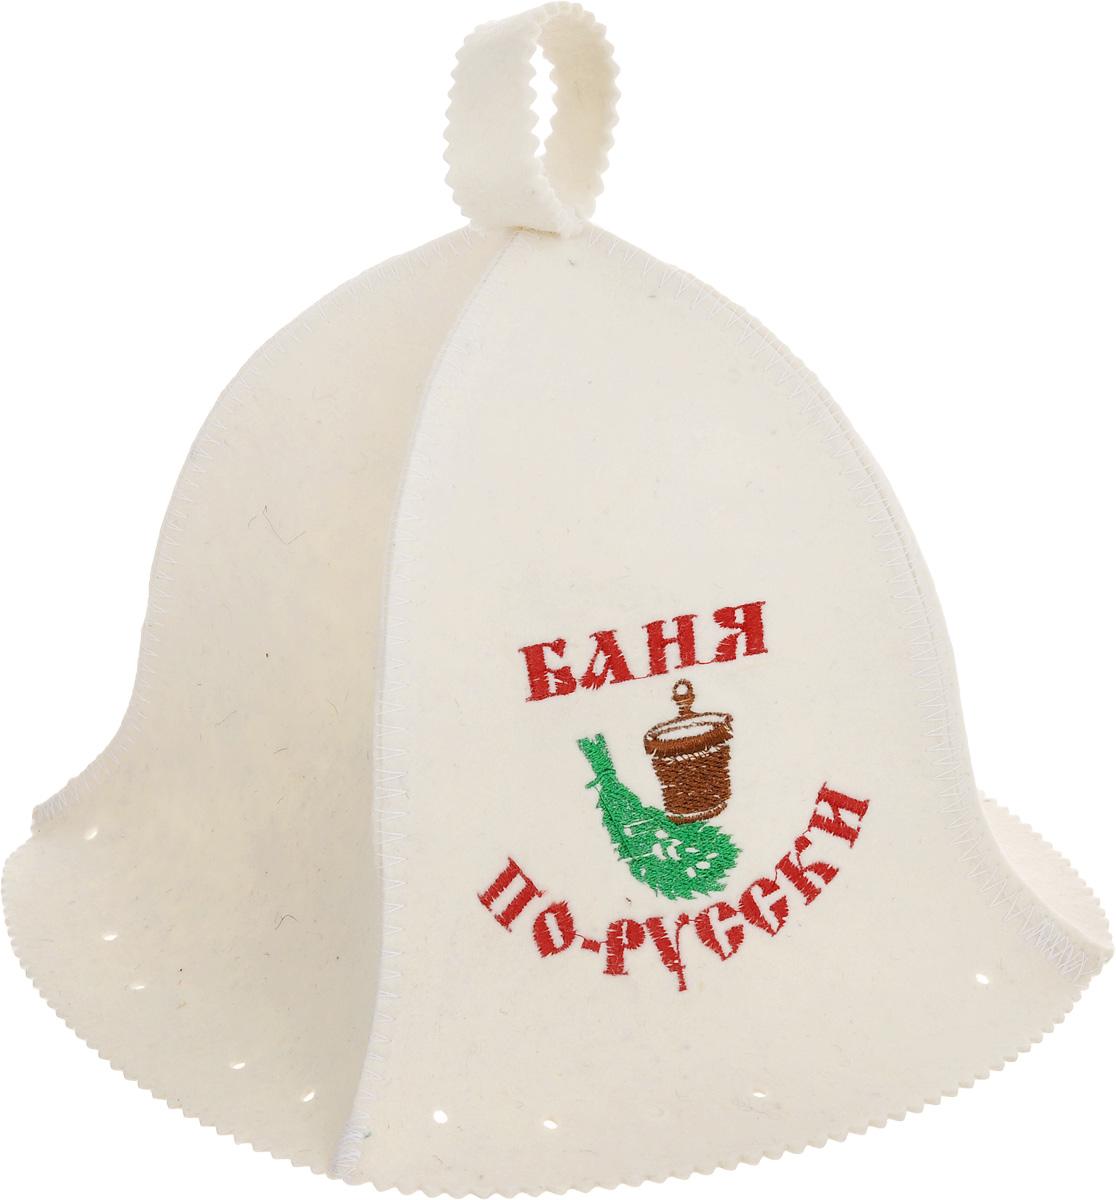 Шапки для бани: особенности и виды. как сделать шапку для бани своими руками: выкройки, фото, инструкции   построить баню ру